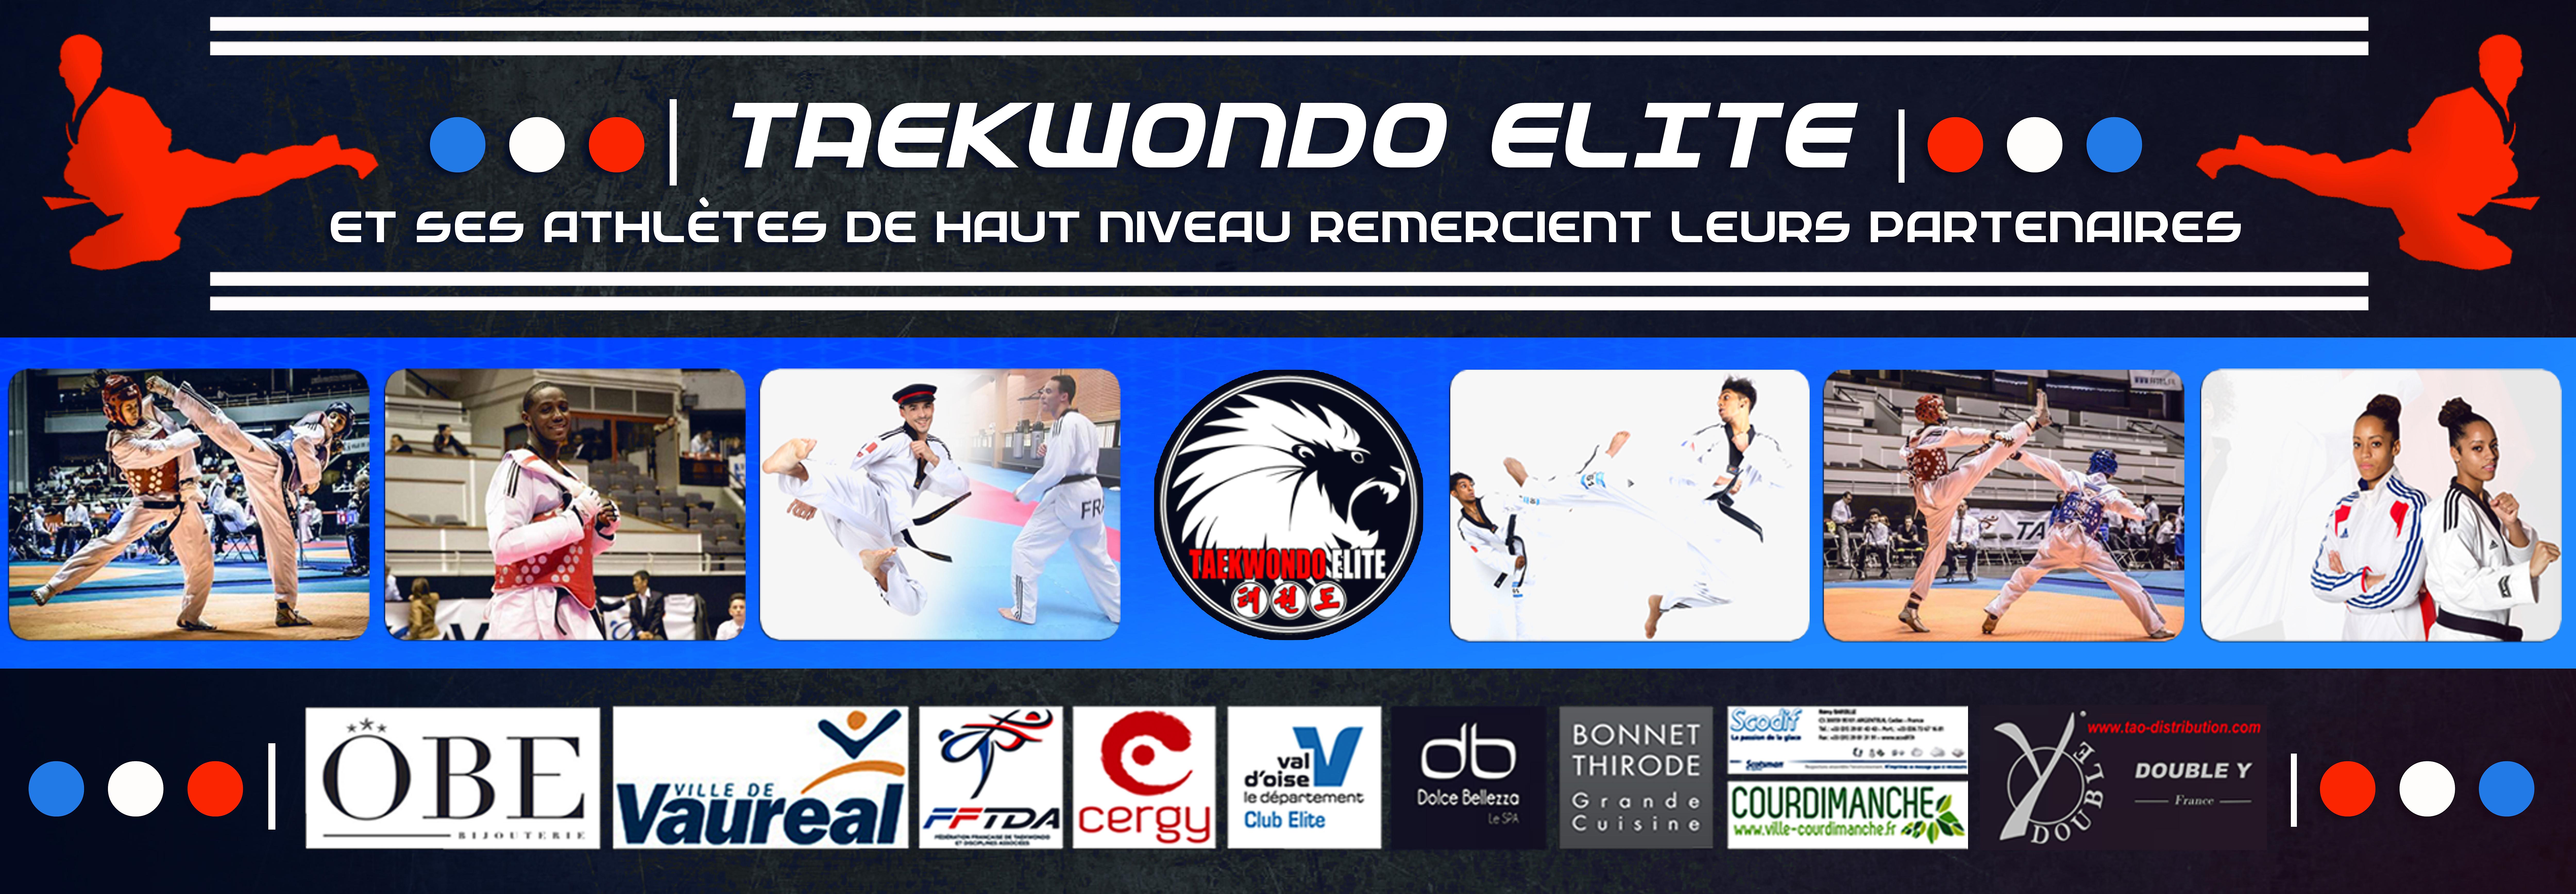 Banderole Taekwondo Elite 2016